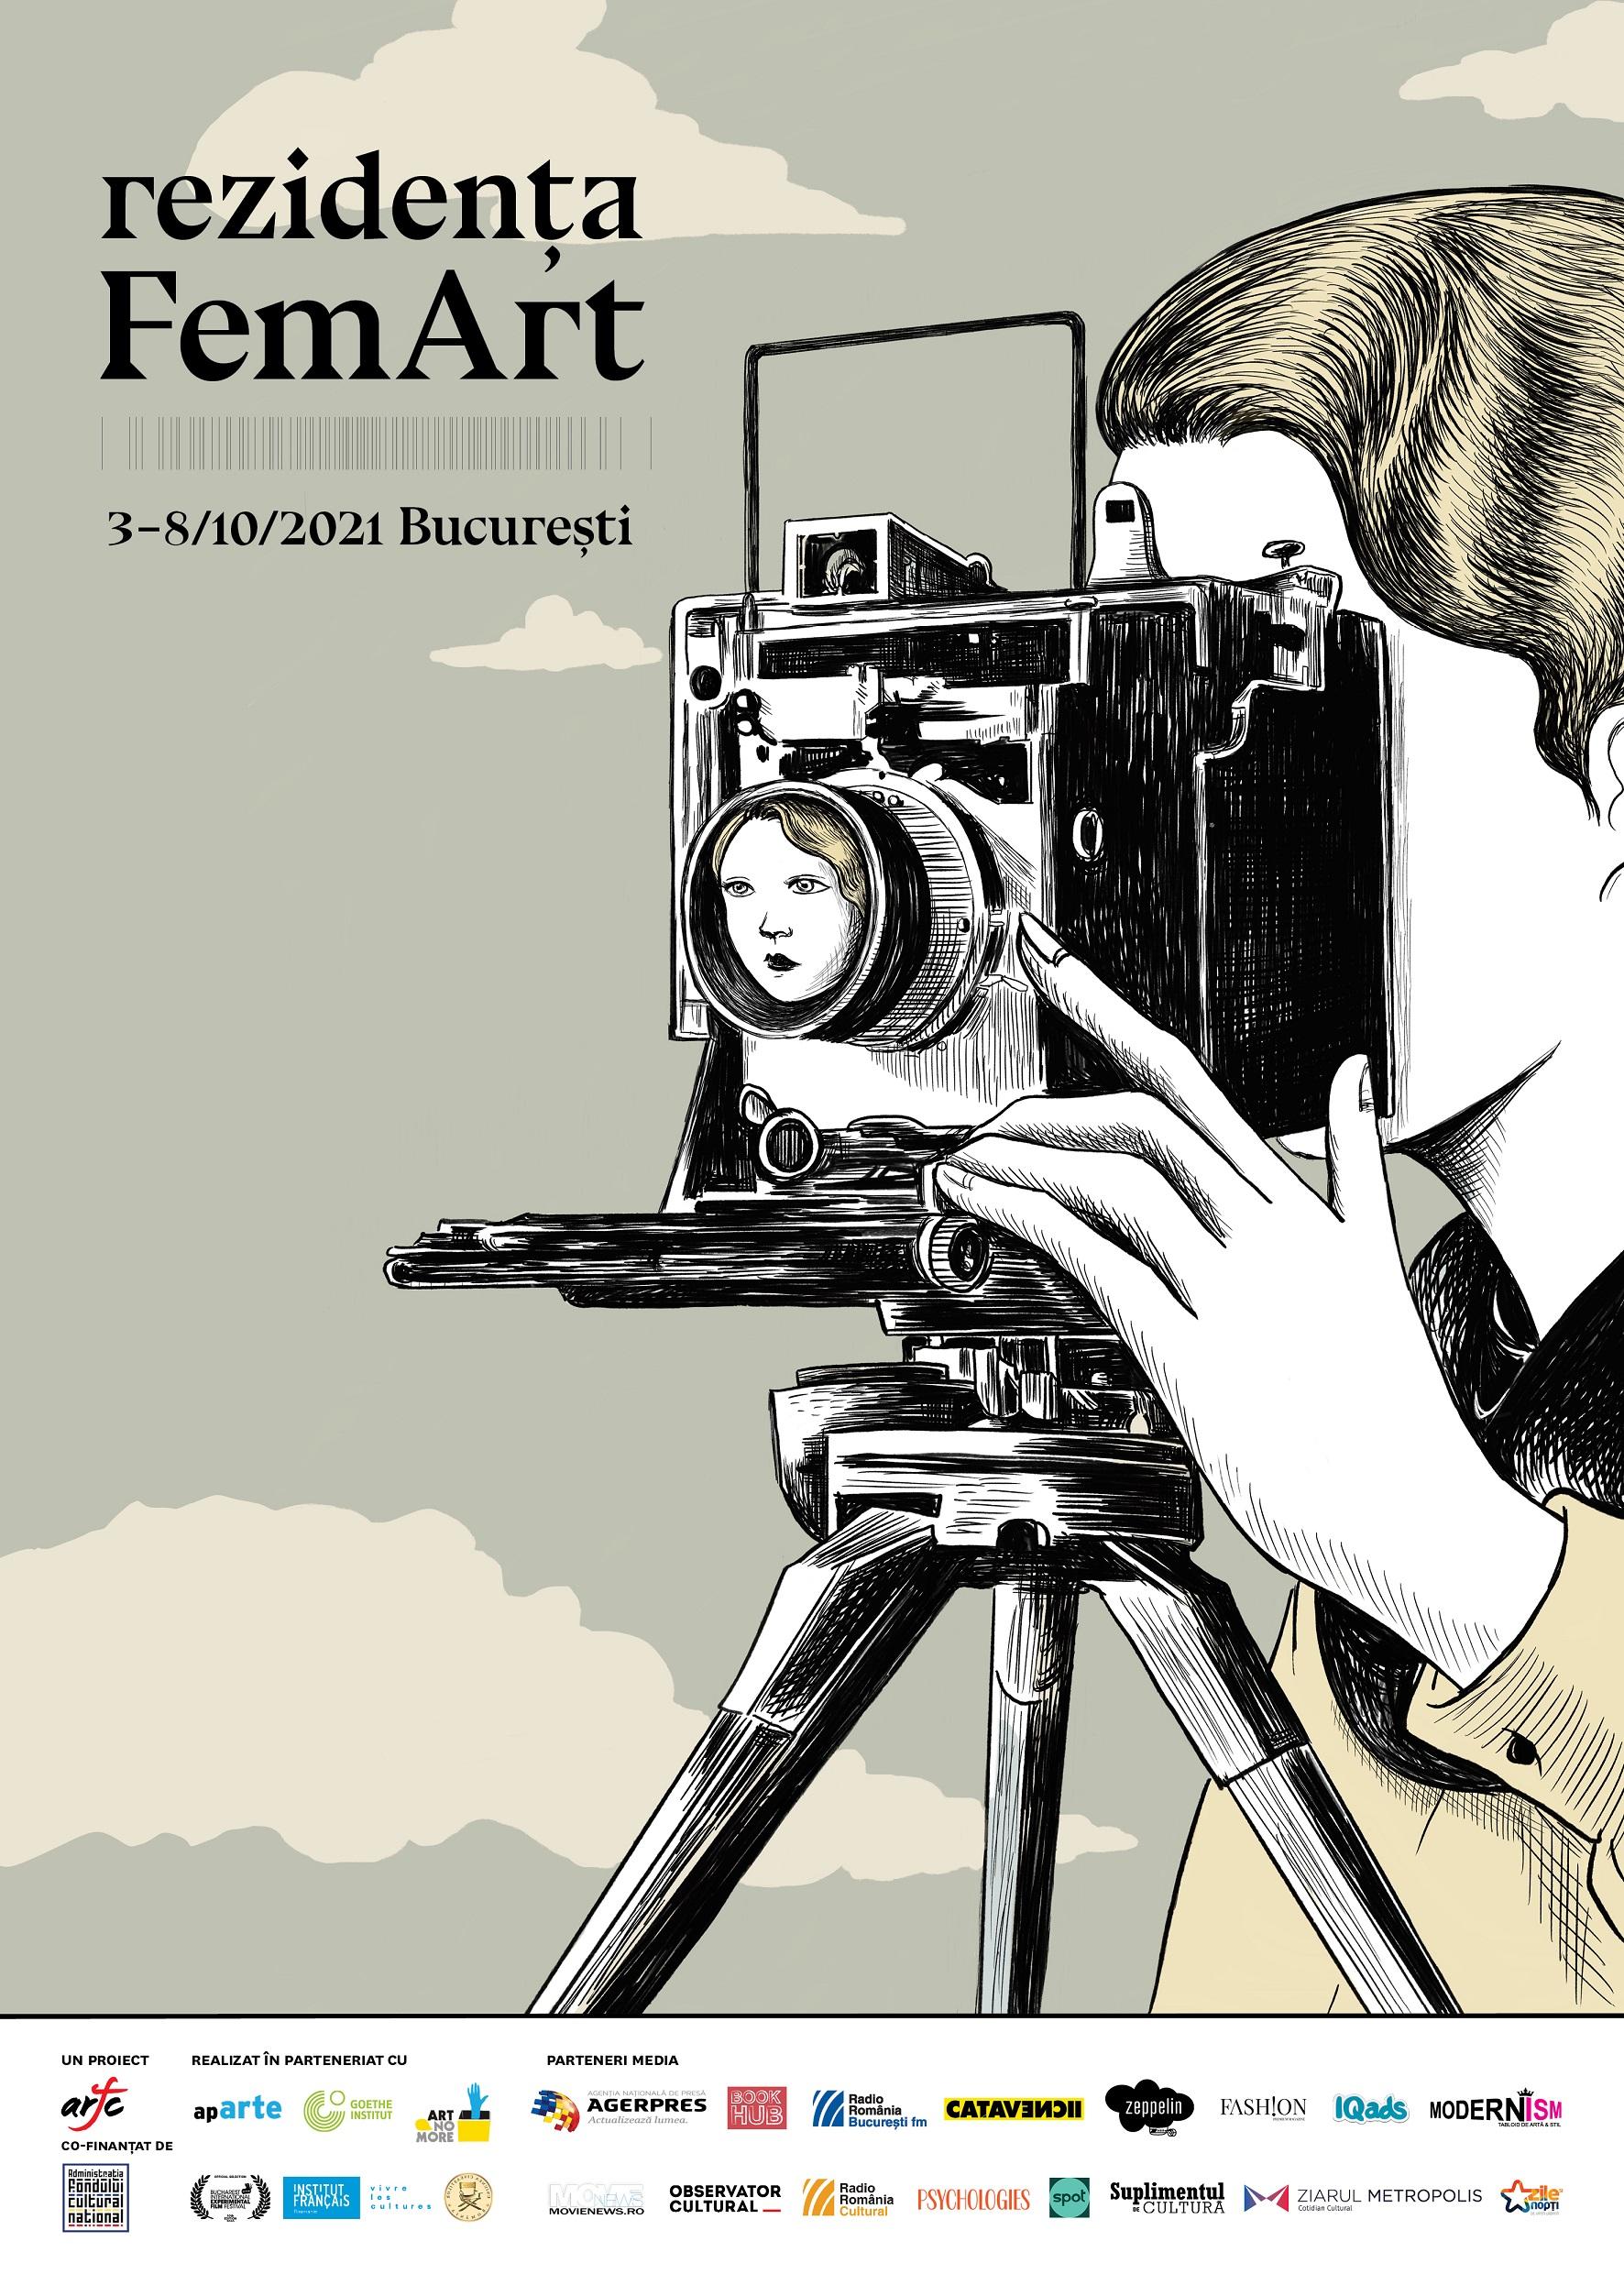 Cinci cineaste au fost selectate pentru participarea la Rezidența FemArt 2021